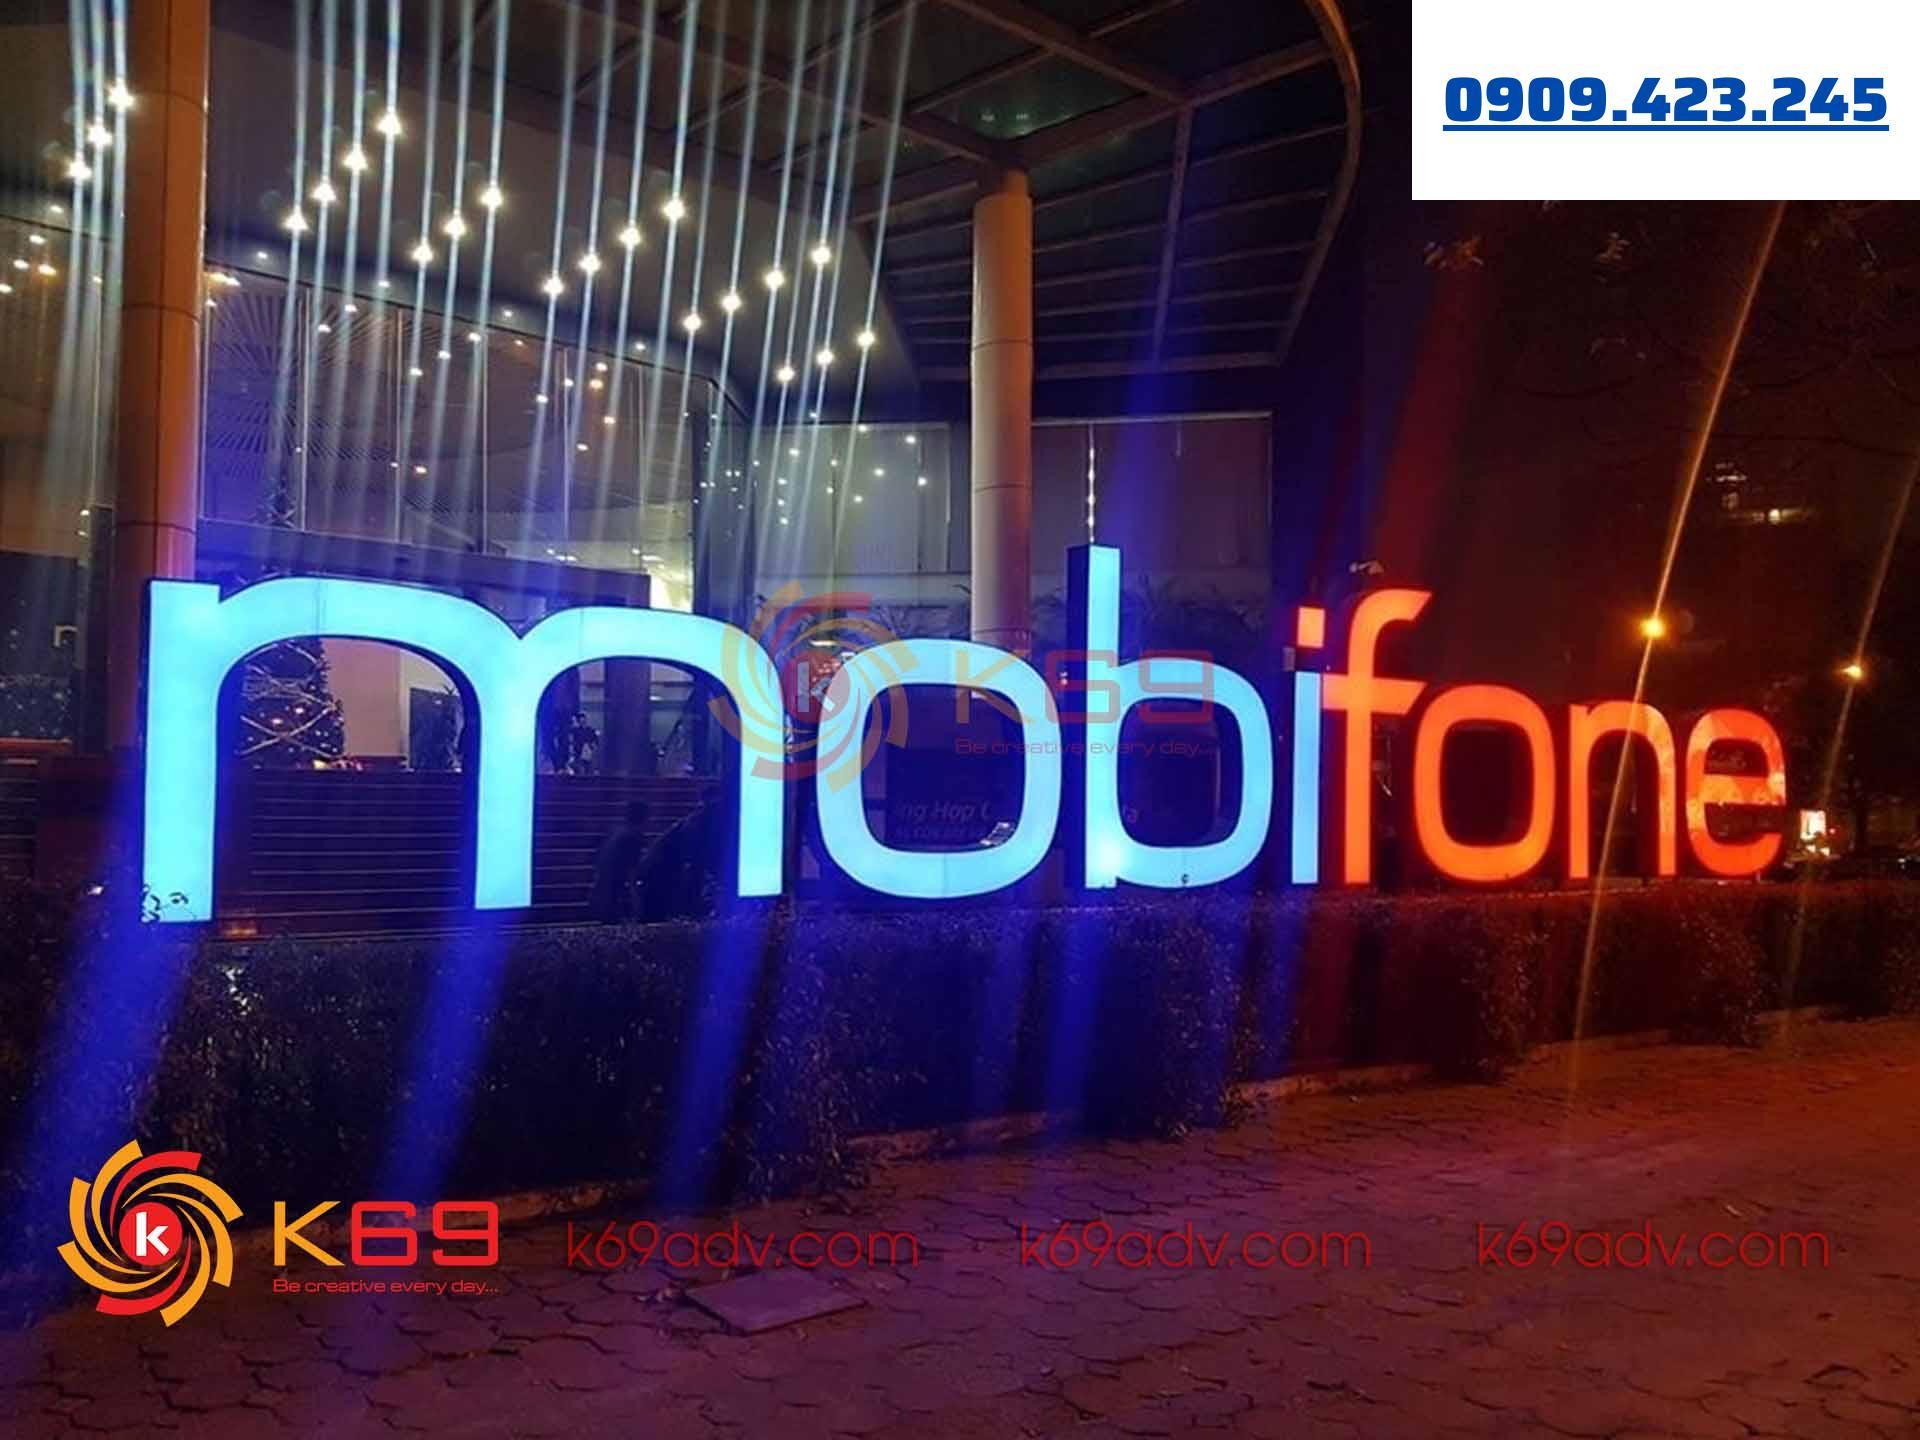 Làm bảng hiệu quảng cáo tập đoàn viễn thông mobifone tại k69adv